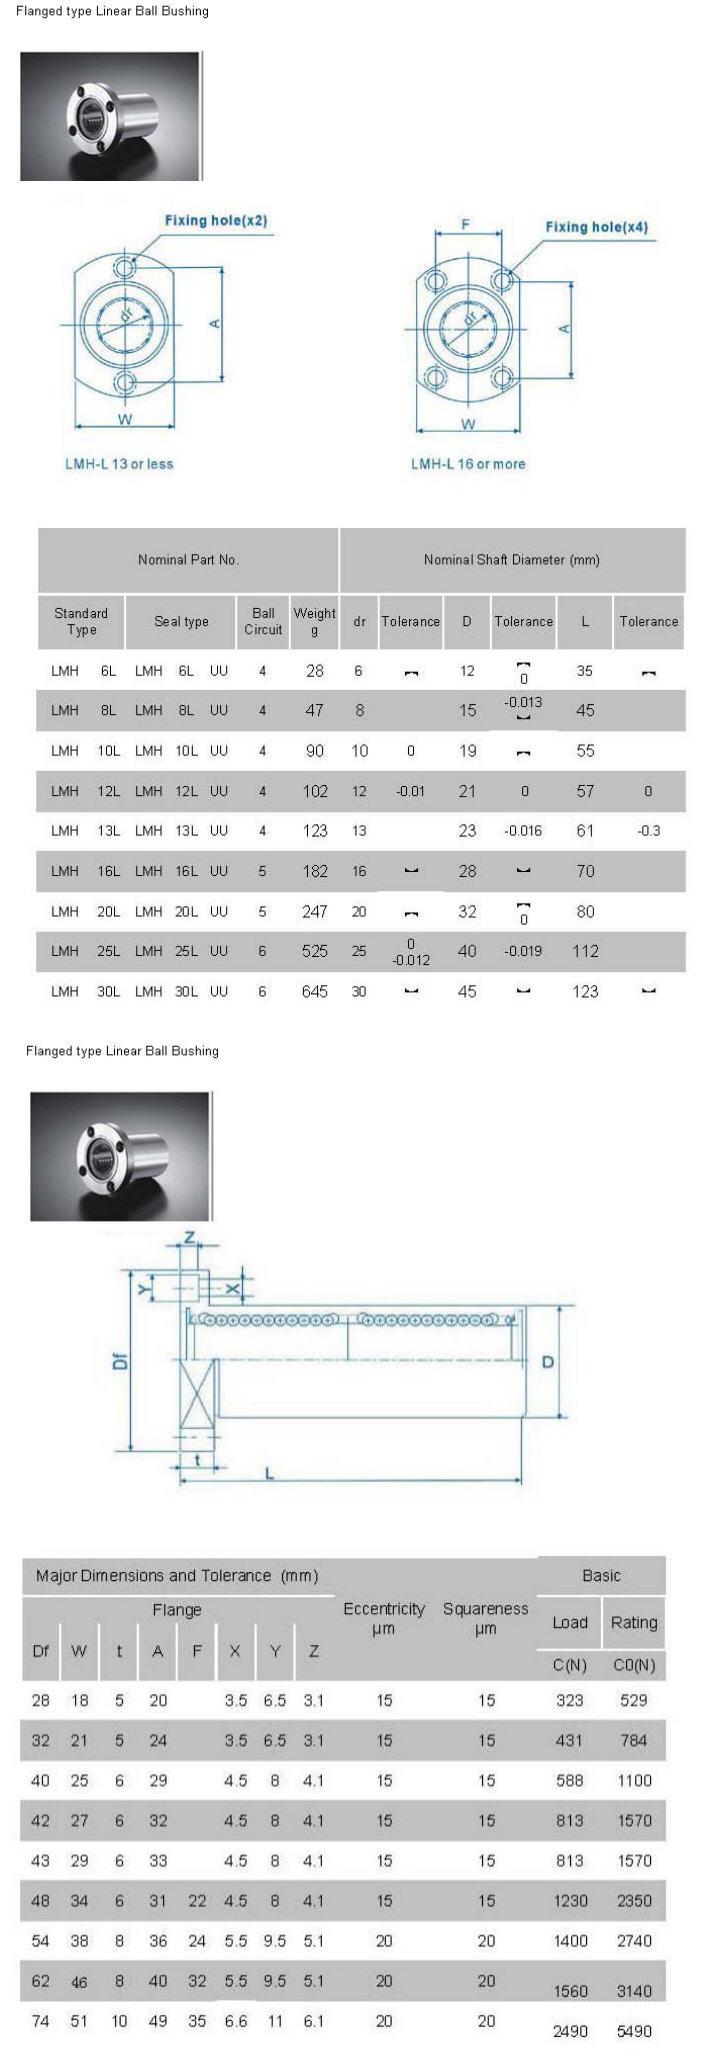 LMH 6L |  LMH 8L |  LMH 10L |  LMH 12L |  LMH 13L |  LMH 16L |  LMH 20L |  LMH 25L |  LMH 30L |